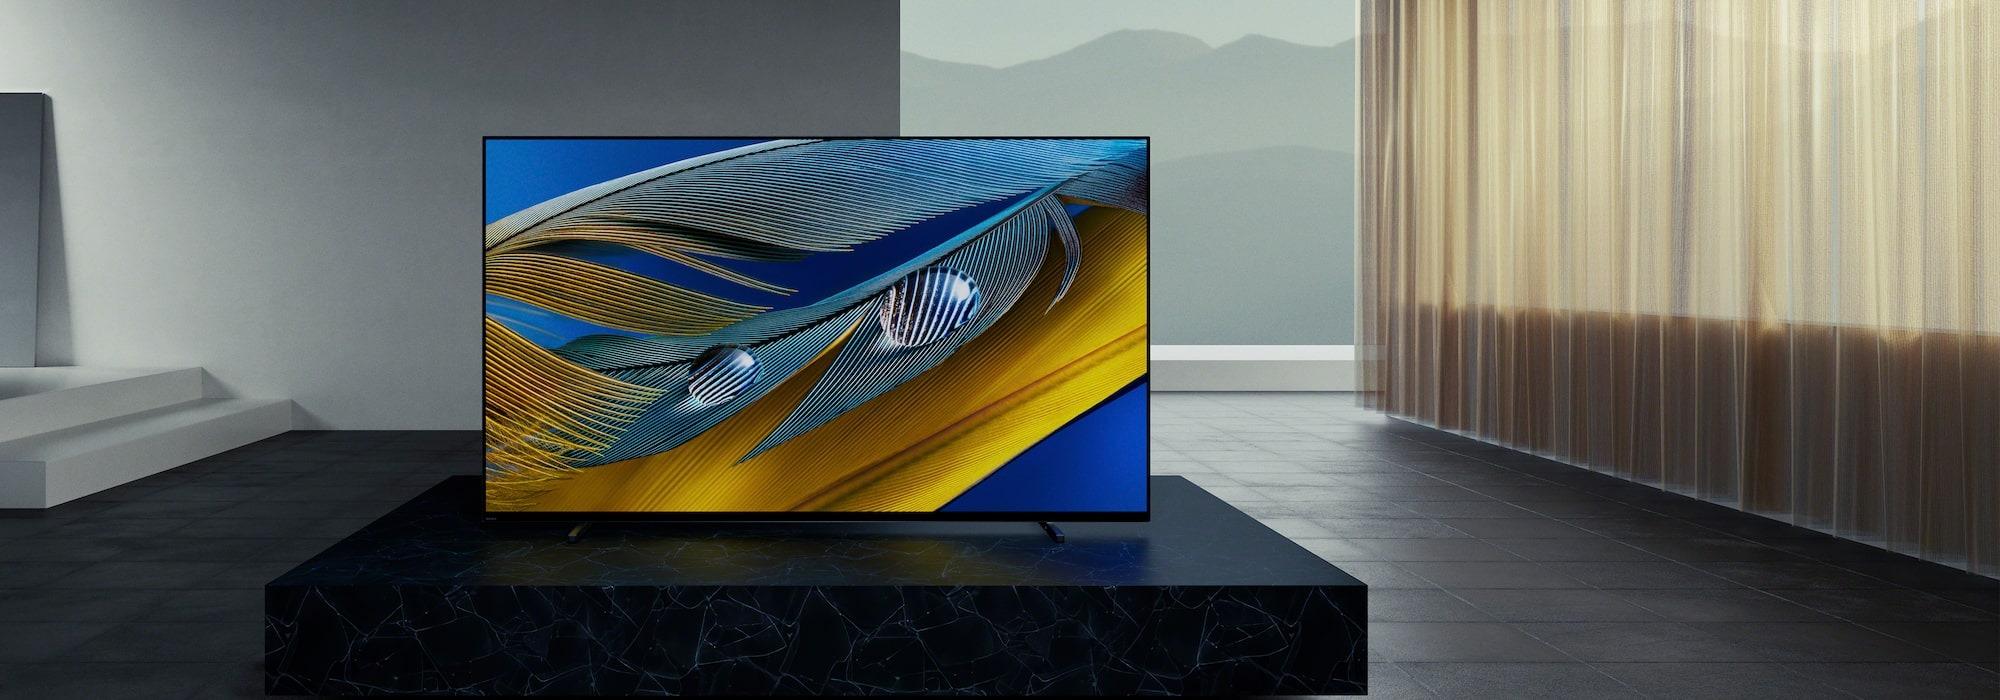 Tivi Sony Bravia XR-55A80J